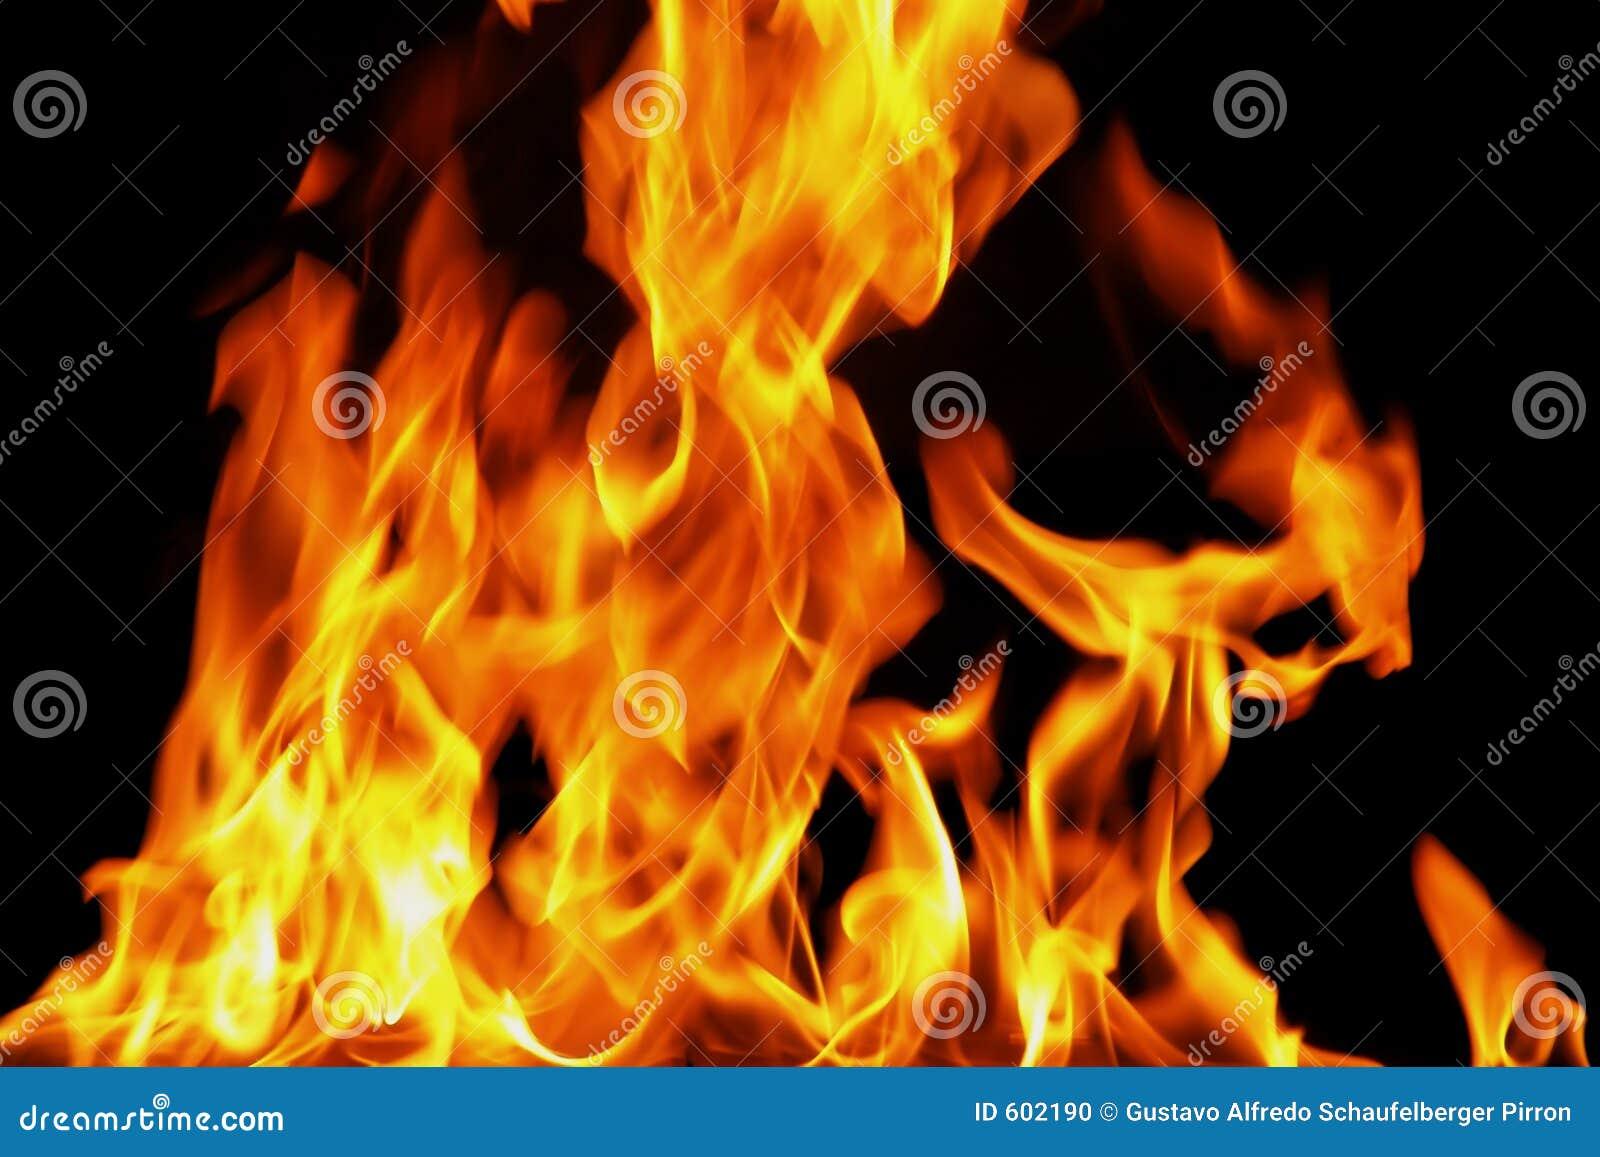 Fire13.jpg